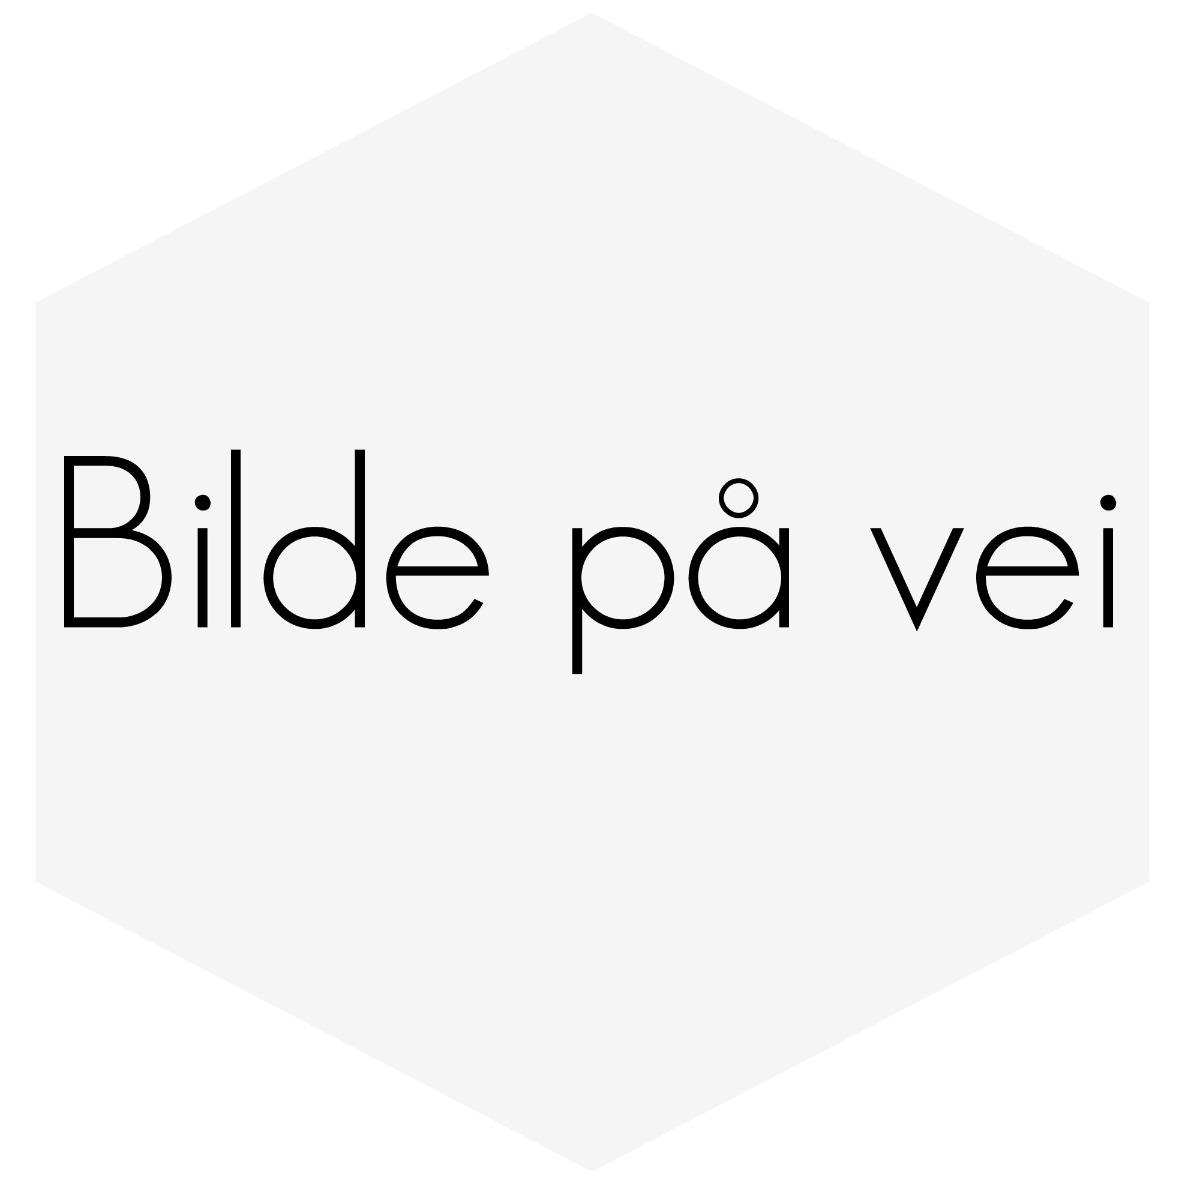 SILIKONSLANGE SVART FLEXIBEL GLATT  1,75'' (45MM)